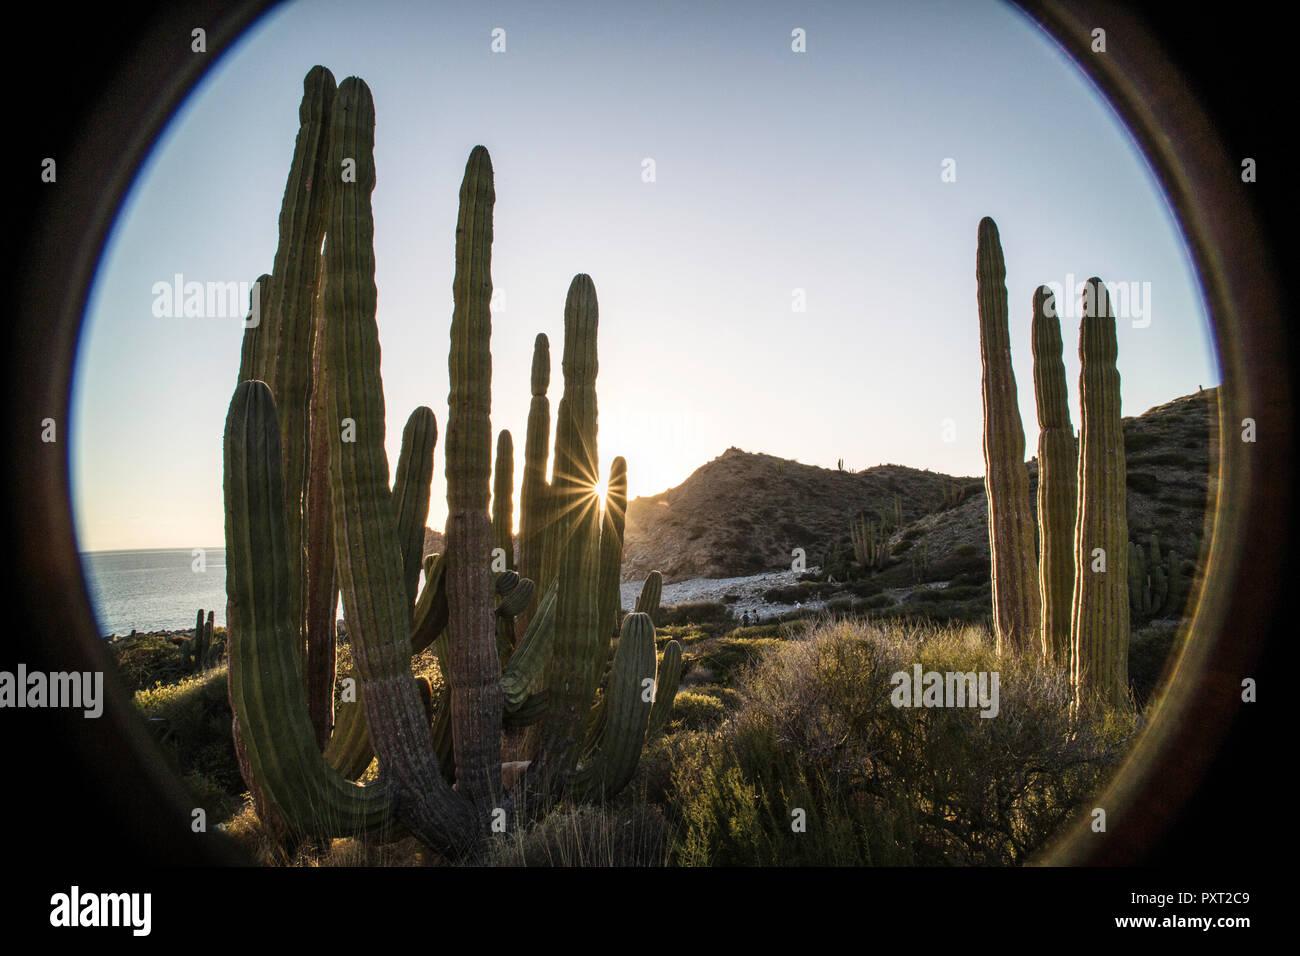 pachycereus pringlei cactus jungle